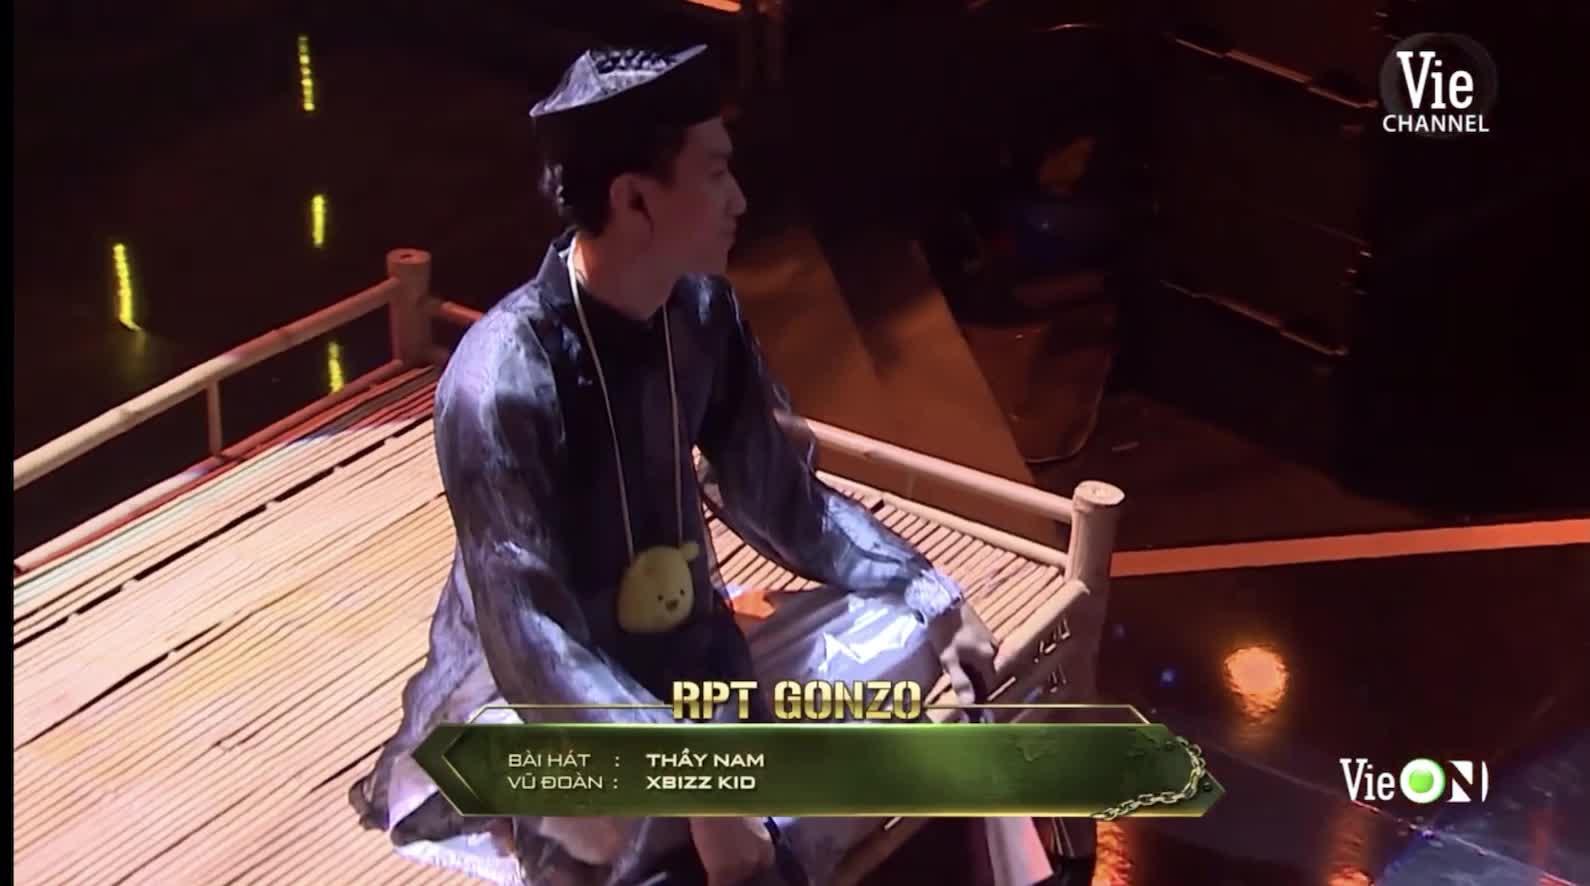 Thầy Nam - Gonzo